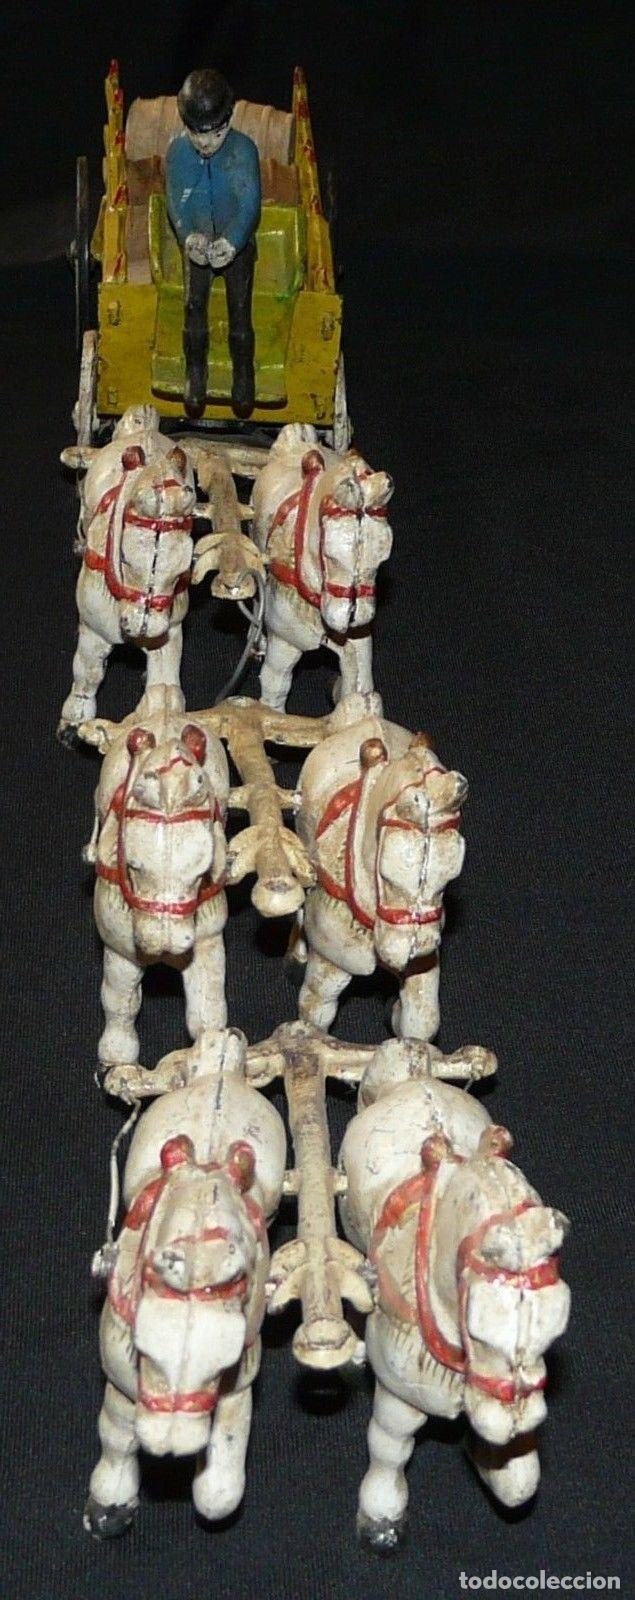 Juguetes antiguos de hojalata: ENORME Y ANTIGUO CARRO EN HIERRO DE MUSEO 6 CABALLOS 65 CM 3,5 Kg PRECIOSA ESCULTURA SIGLO XIX 476,0 - Foto 5 - 88403960